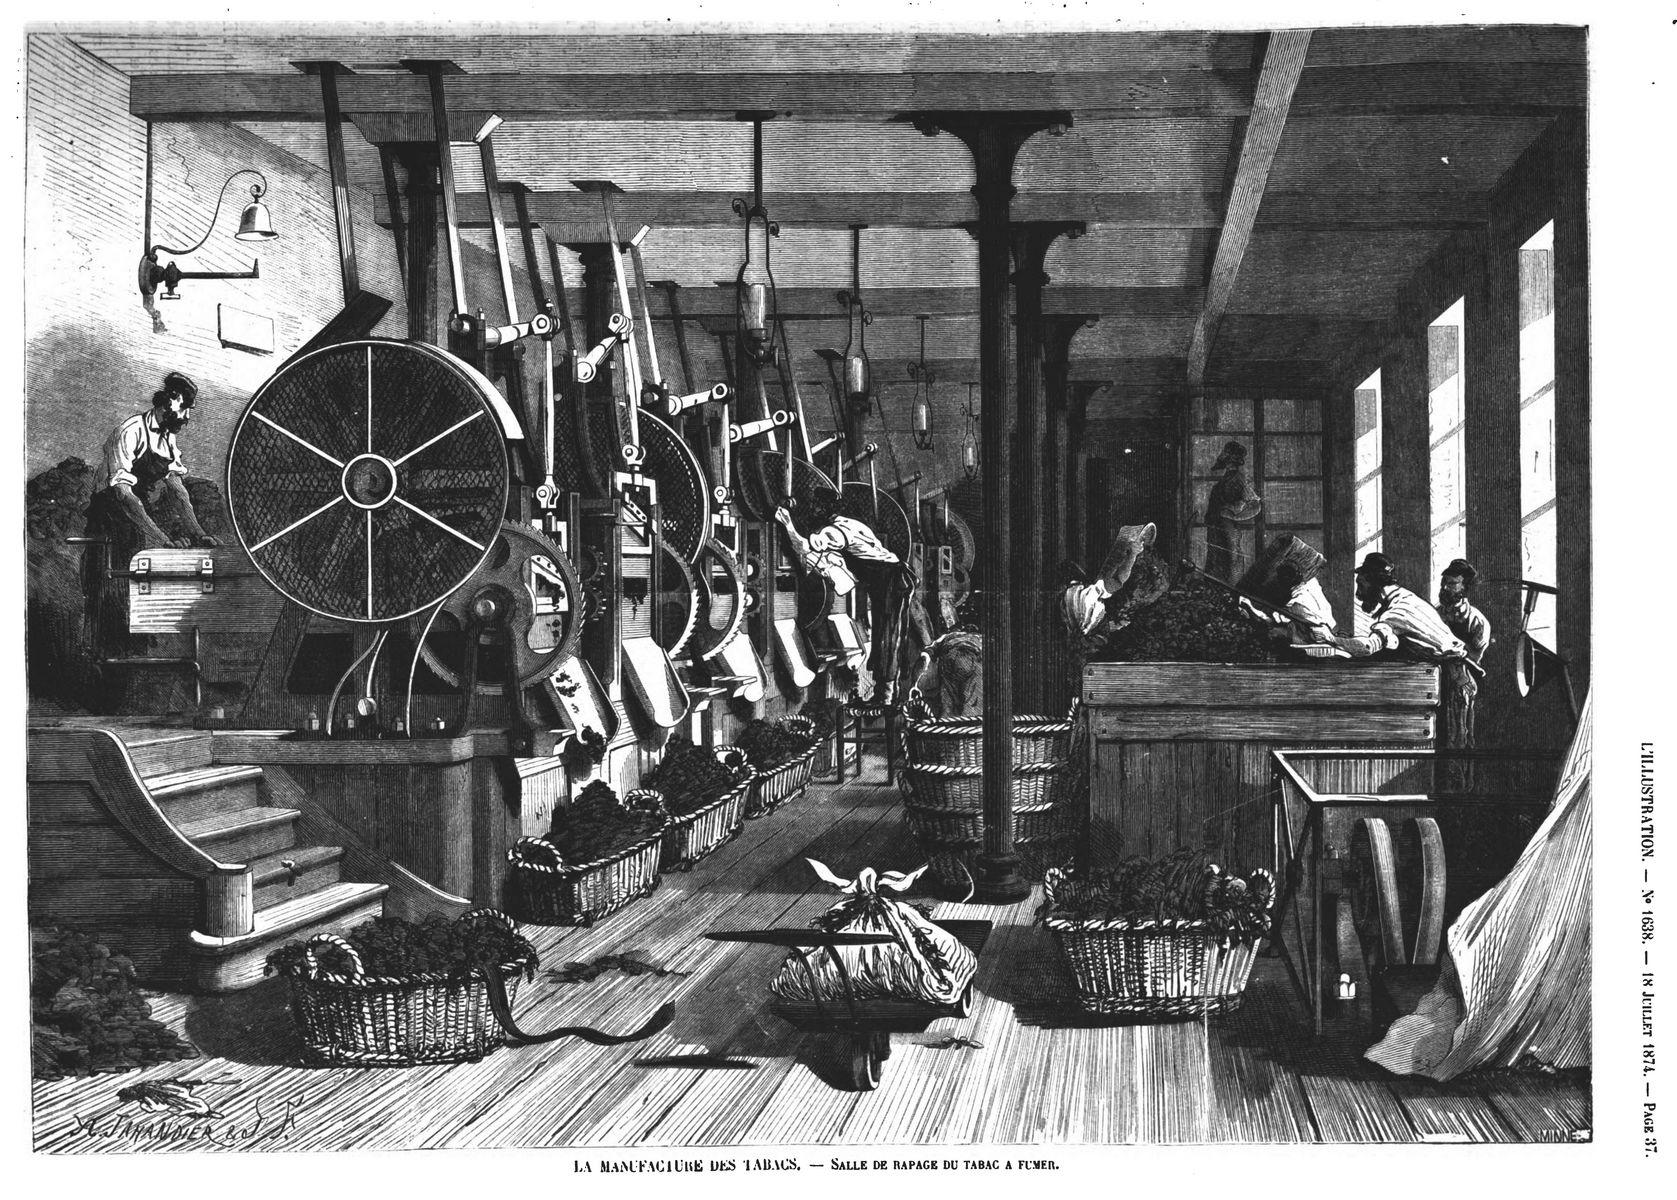 La Manufacture des tabacs : dépôt des masses ; Salle de rapage du tabac à fumer.